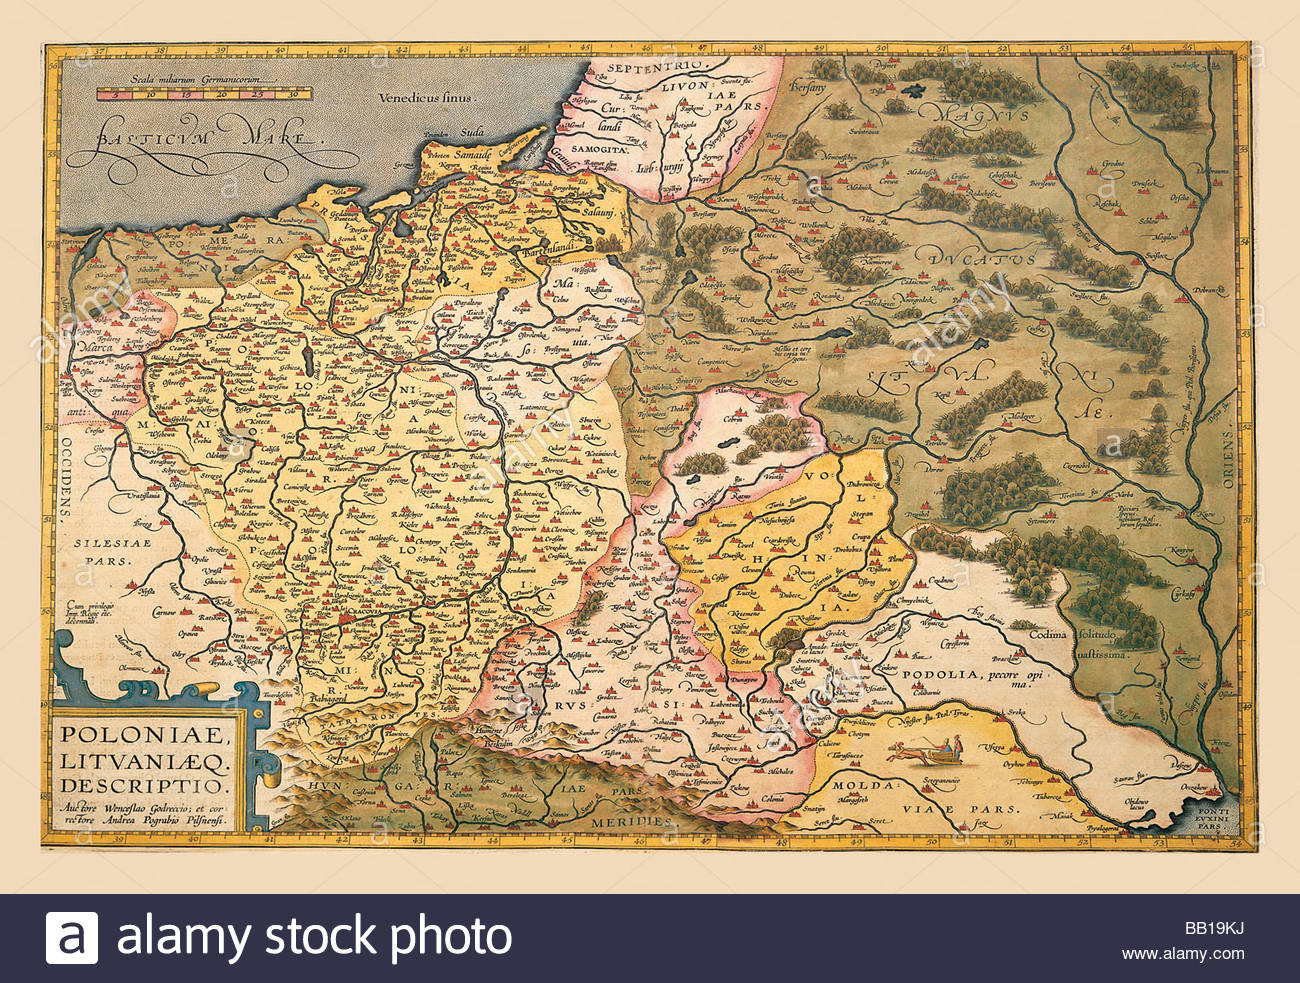 Carte De La Pologne Et L'europe De L'est Banque D'images dedans Carte Europe De L Est